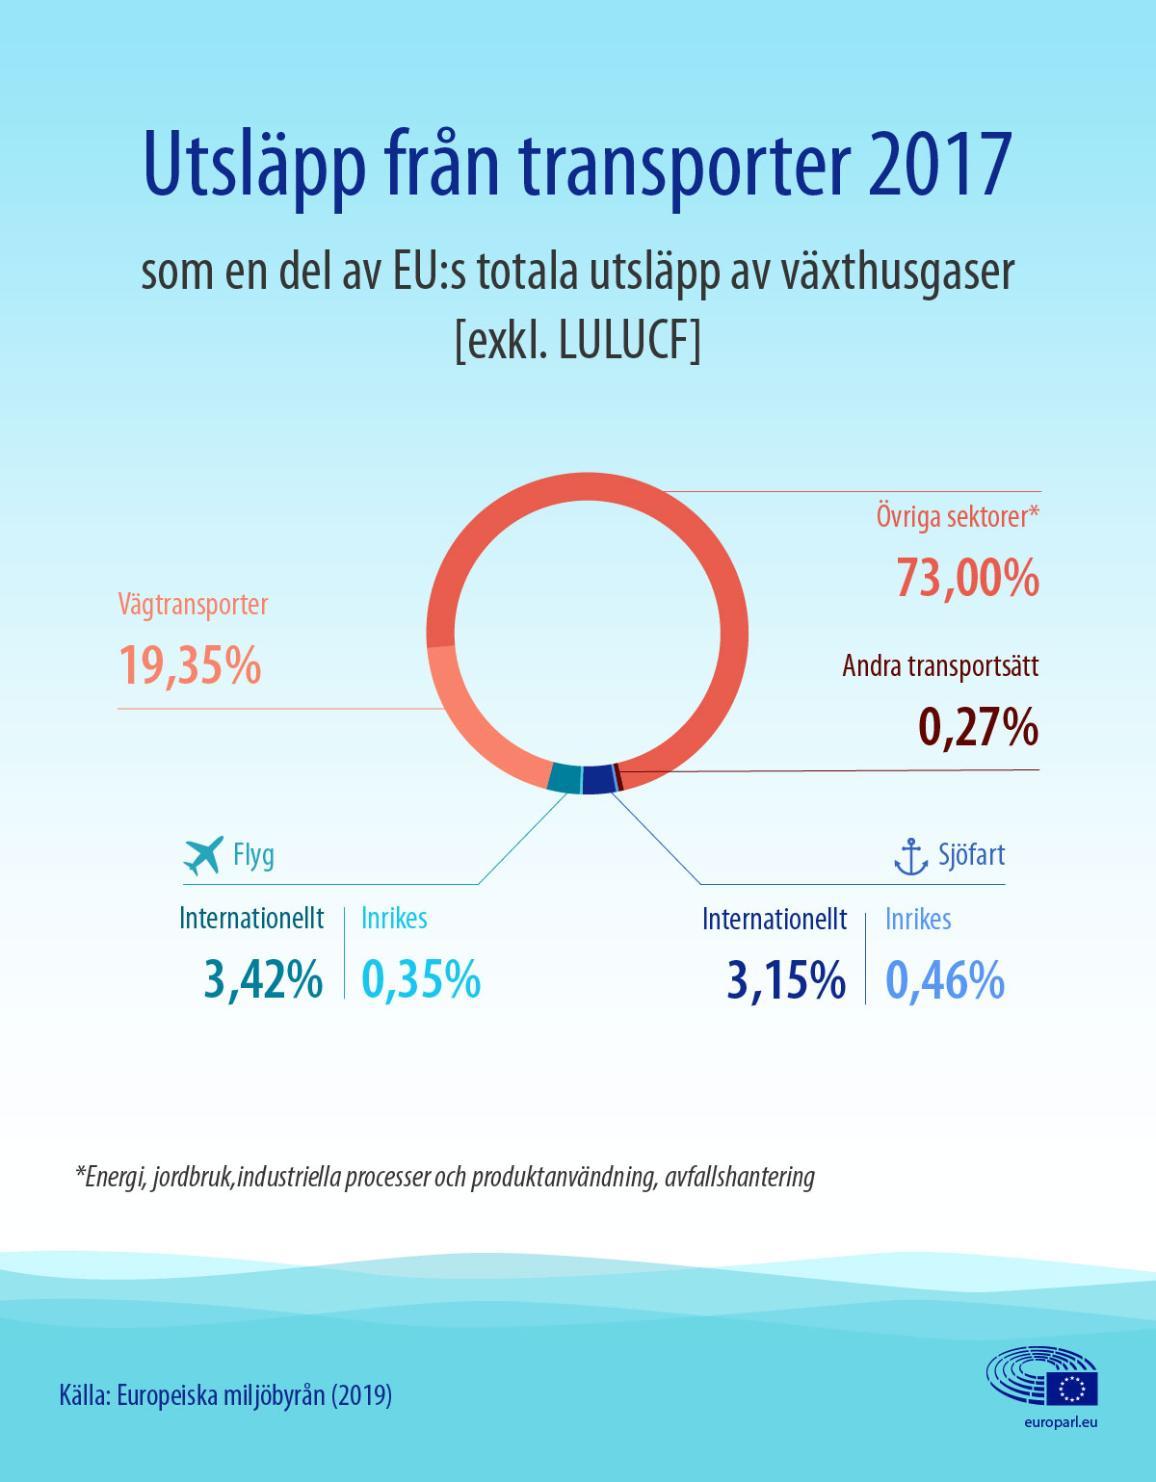 Nyhetsgrafik om utsläpp från transporter, inklusive flyg och sjöfart, som en del av EU:s totala växthusgasutsläpp.